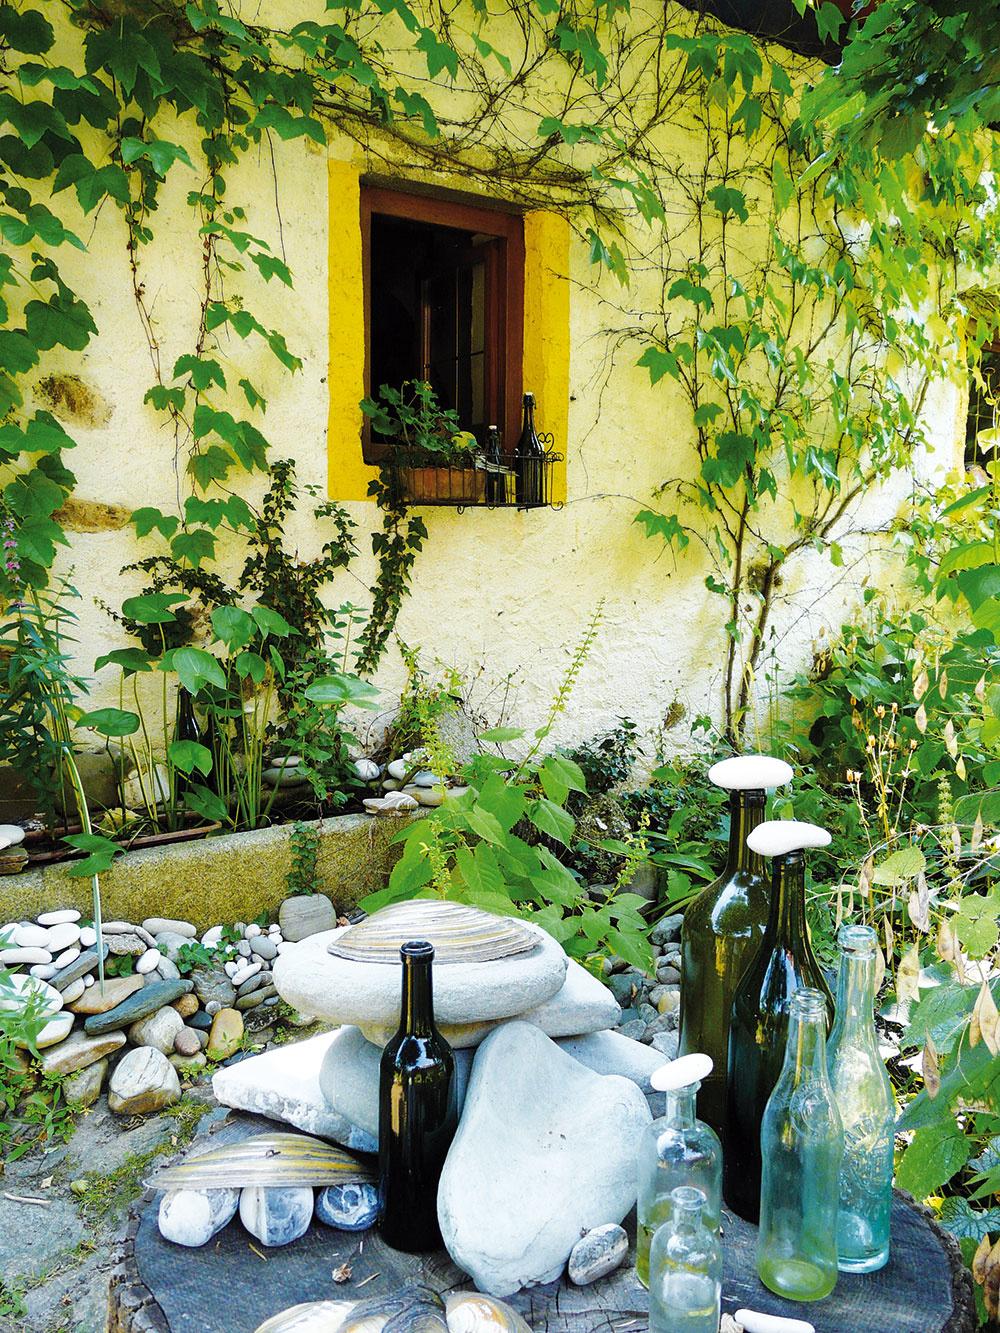 Prírodné dekorácie tvorí pani domu aj zo starých predmetov, ktoré boli bežnou súčasťou každodenného života našich starých rodičov.